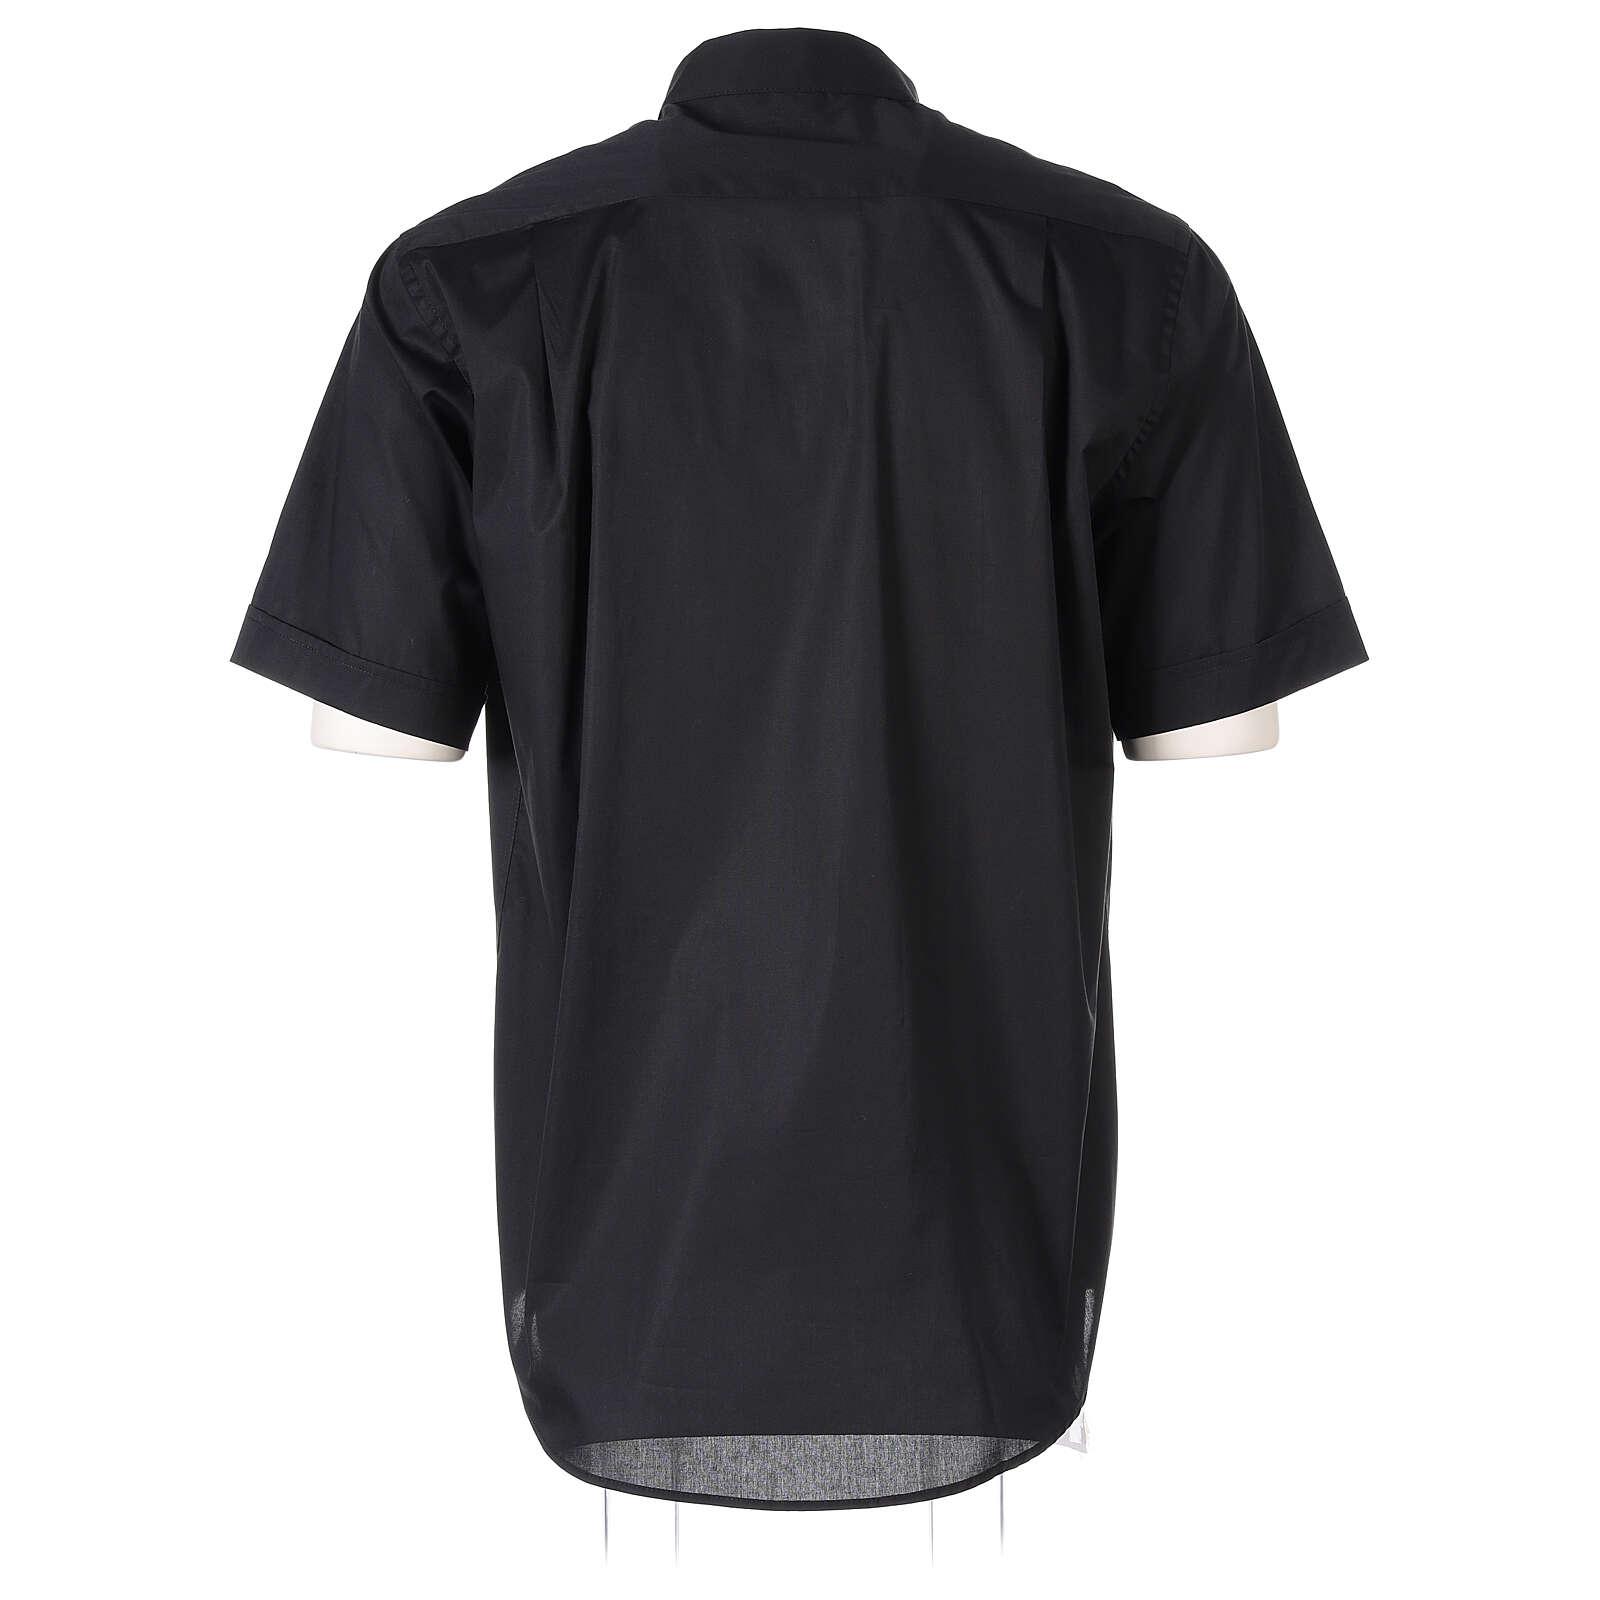 Camicia In Primis elasticizzata cotone mezza manica nero 4